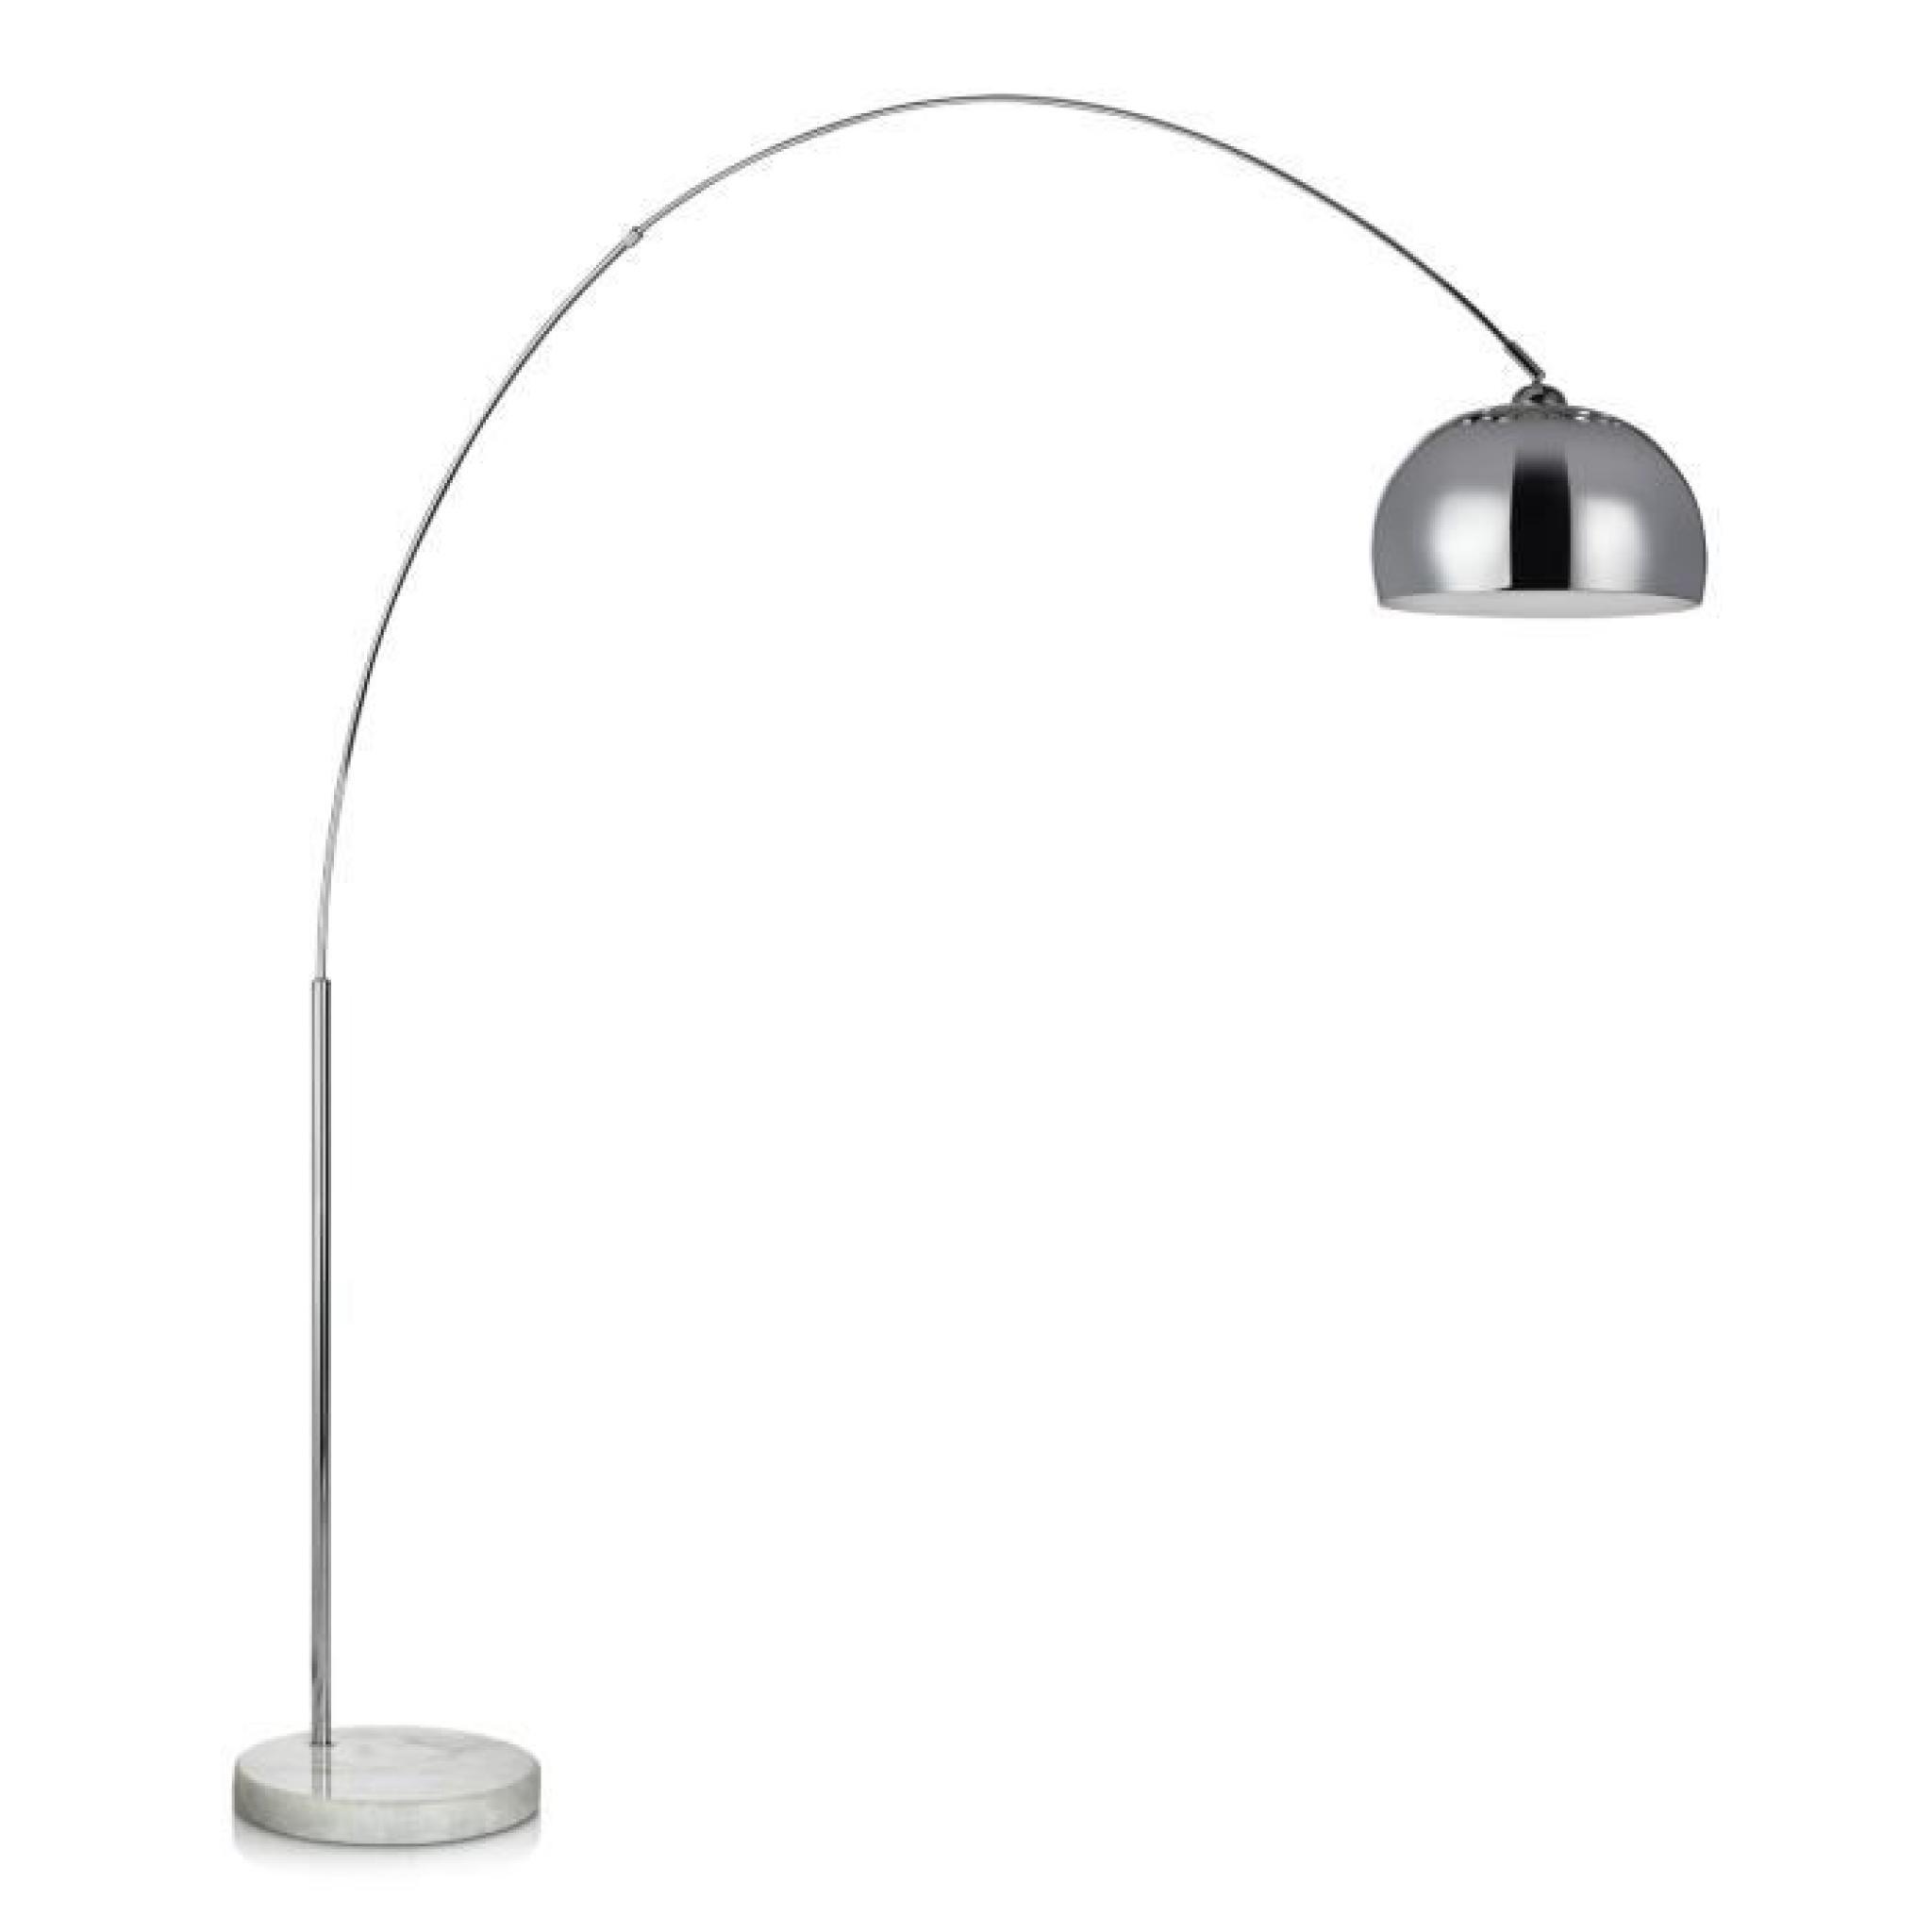 bigarc lampadaire arc h202 chrome achat vente lampadaire pas cher couleur et. Black Bedroom Furniture Sets. Home Design Ideas